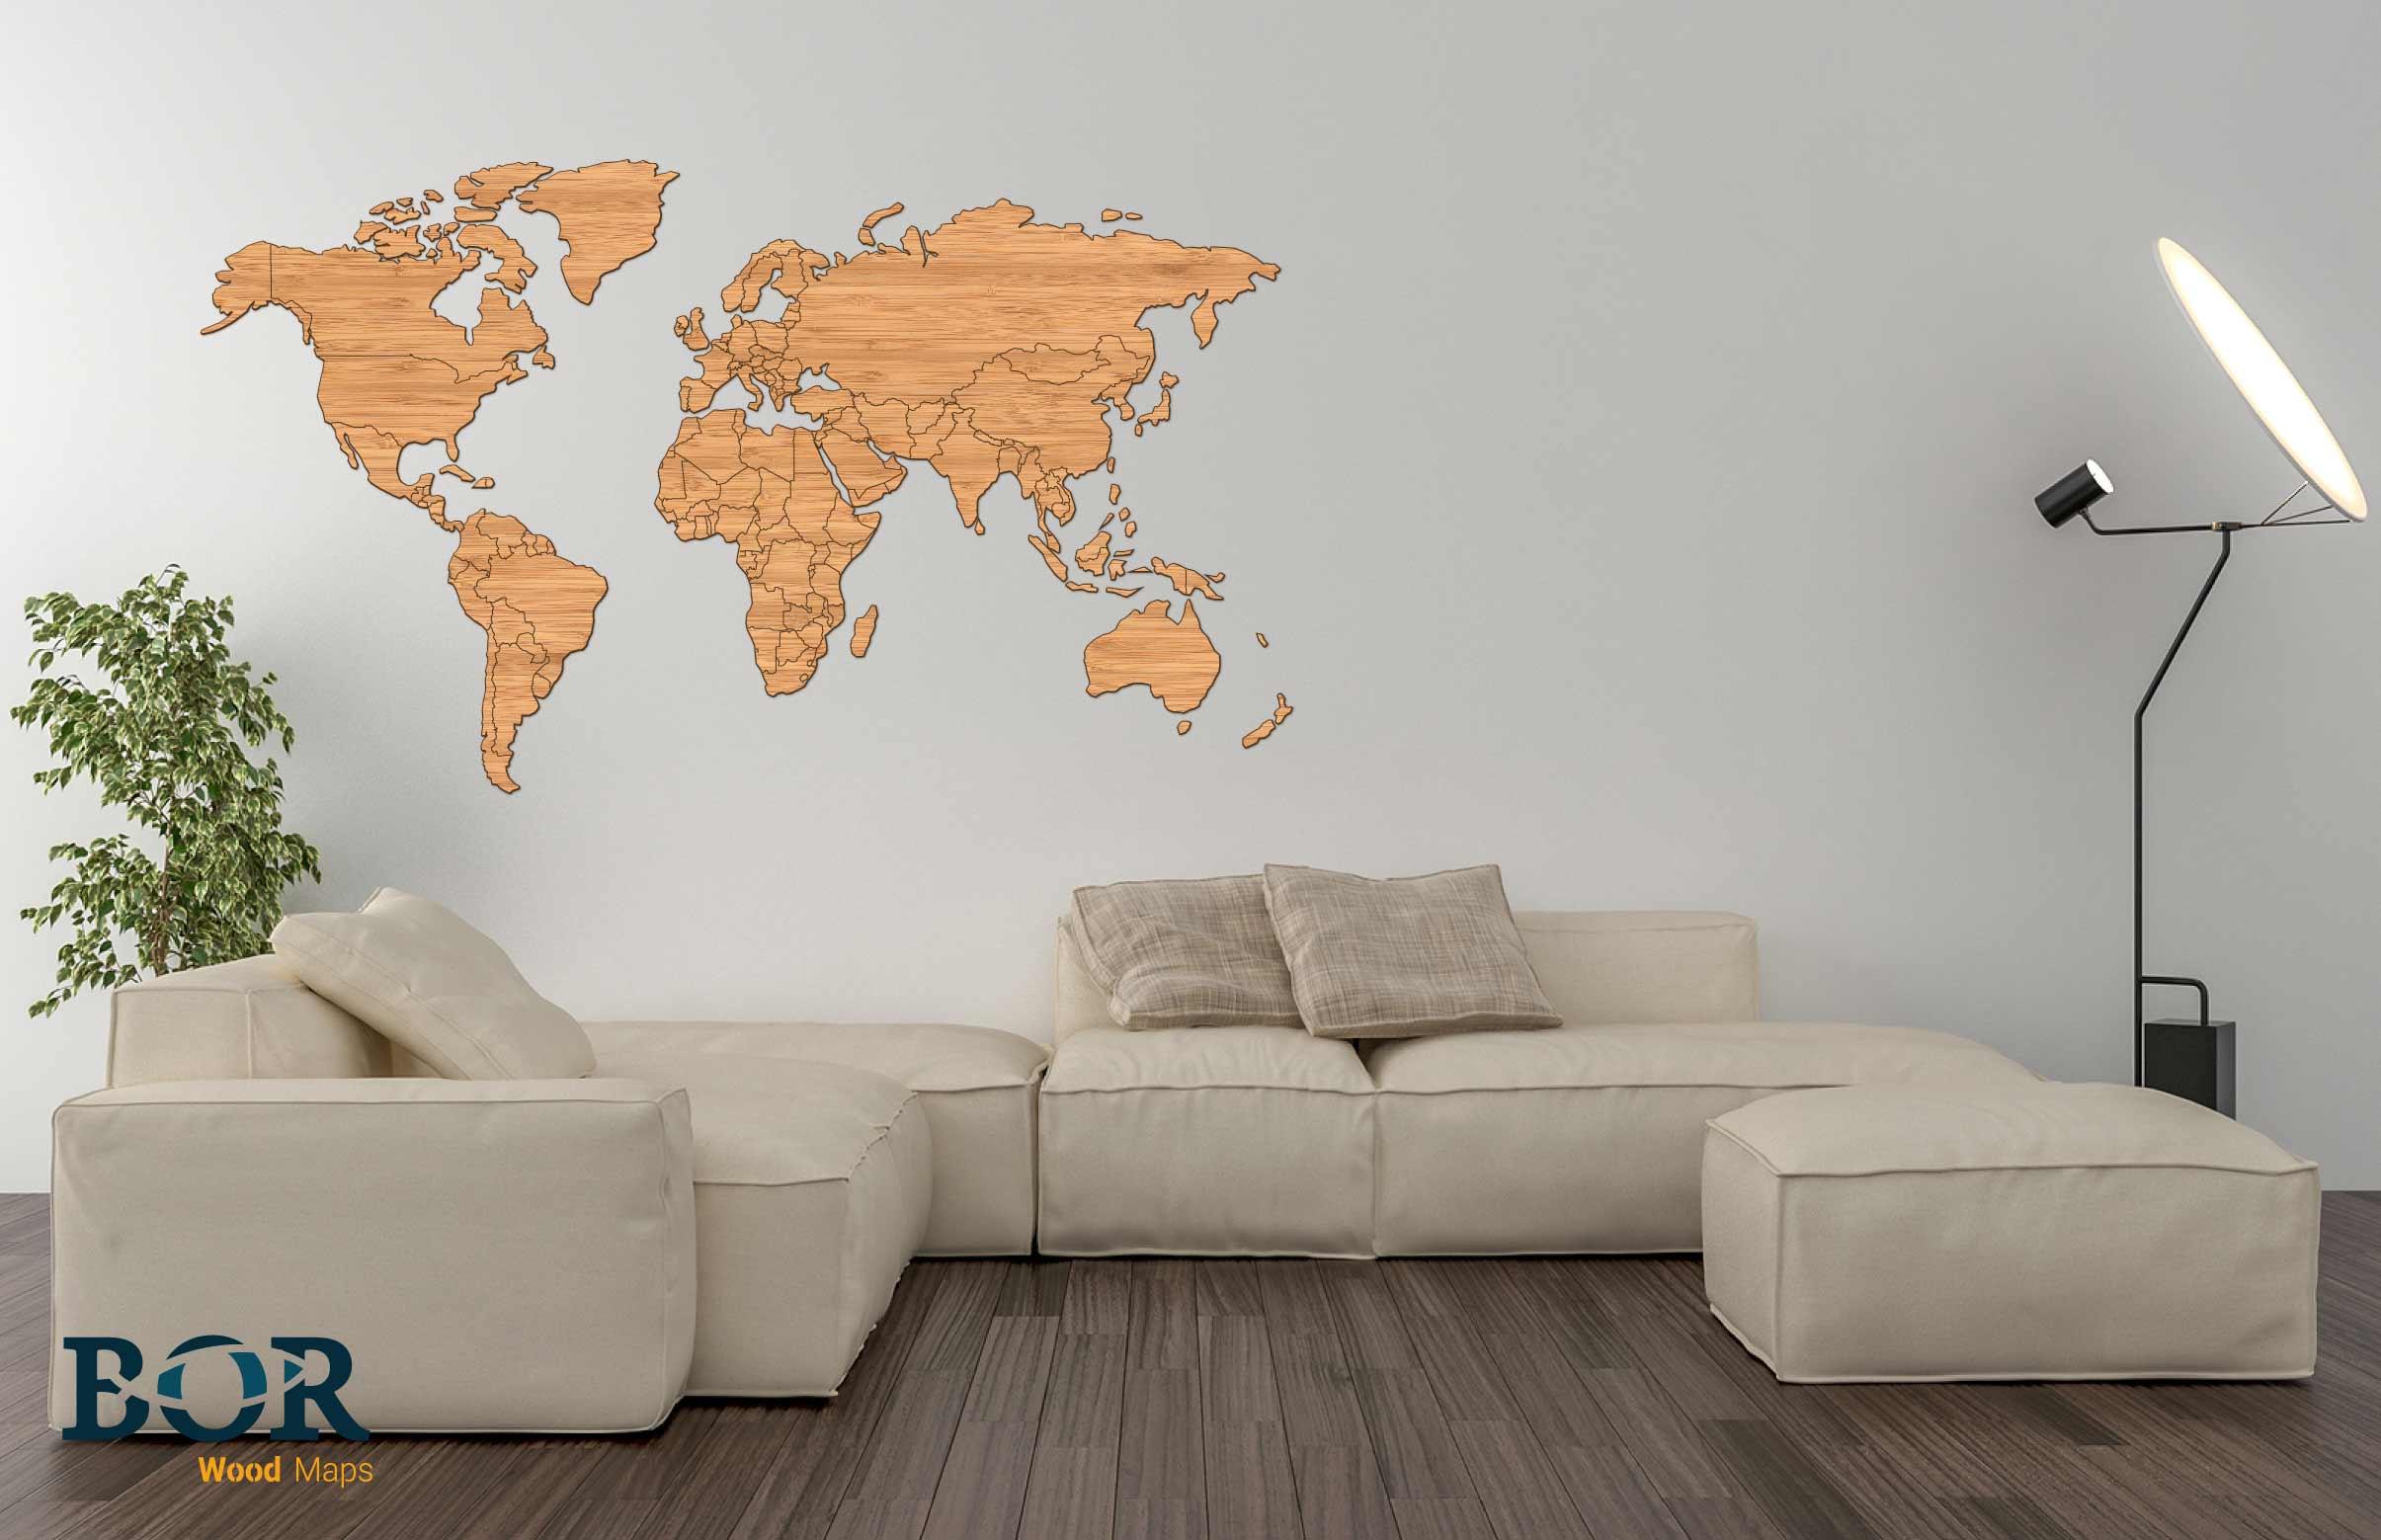 Verbazingwekkend Wereldkaart van hout Bamboe – Bor Lasertechniek FK-04